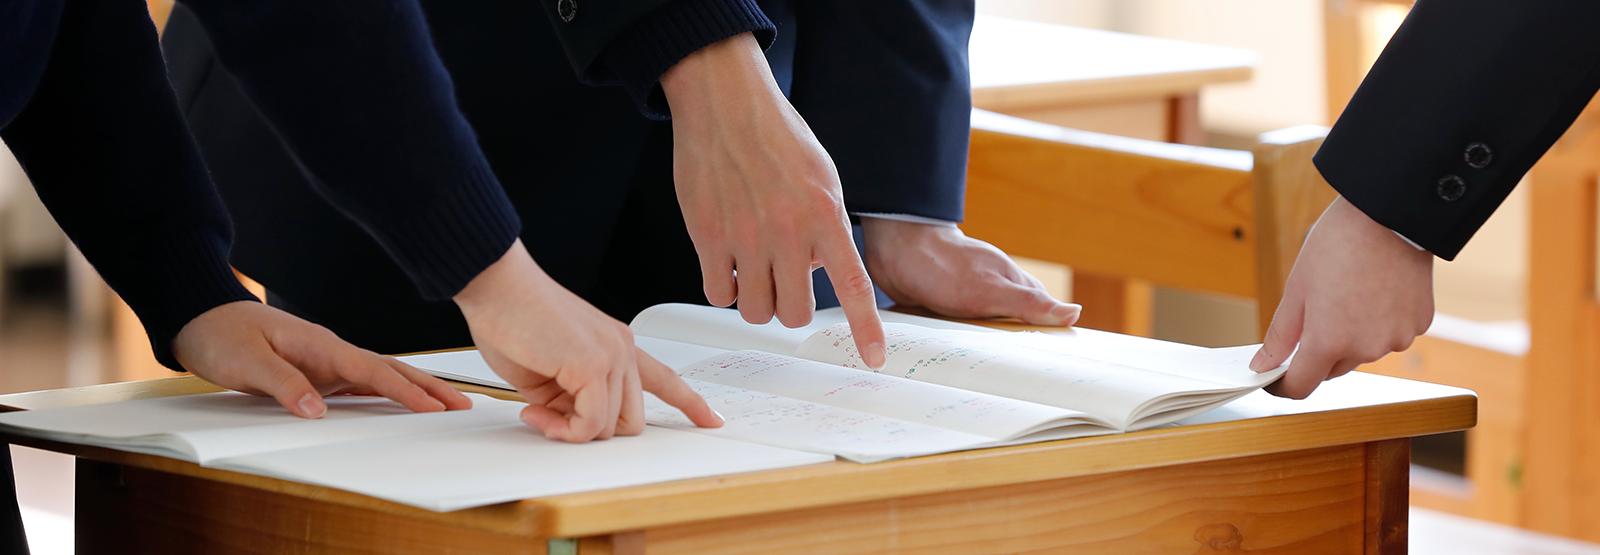 学校評価、シラバス、部活動活動方針、各部活動計画、いじめ対策基本方針